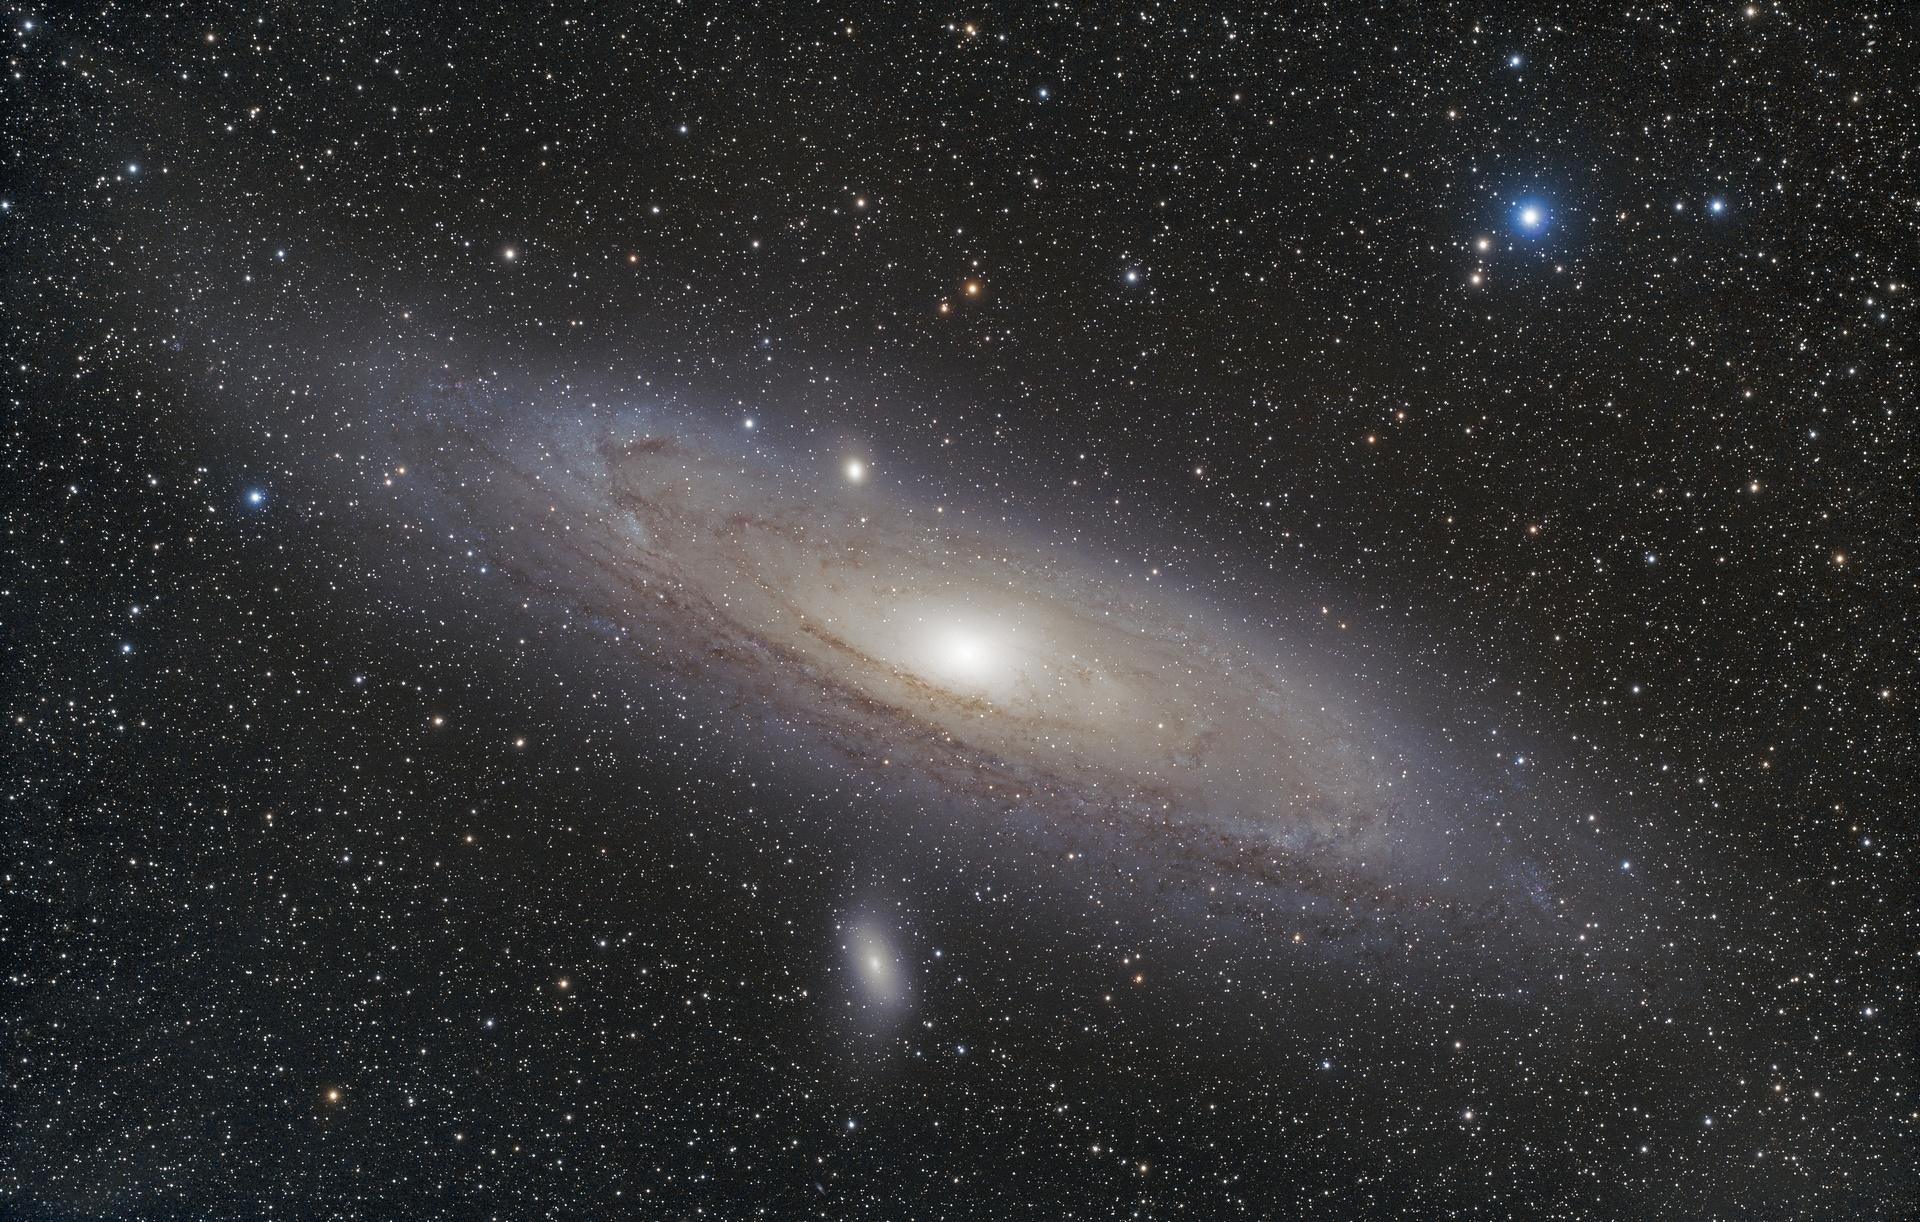 M31FSQ106-304x30s-3200iso-14082018b_t.jpg